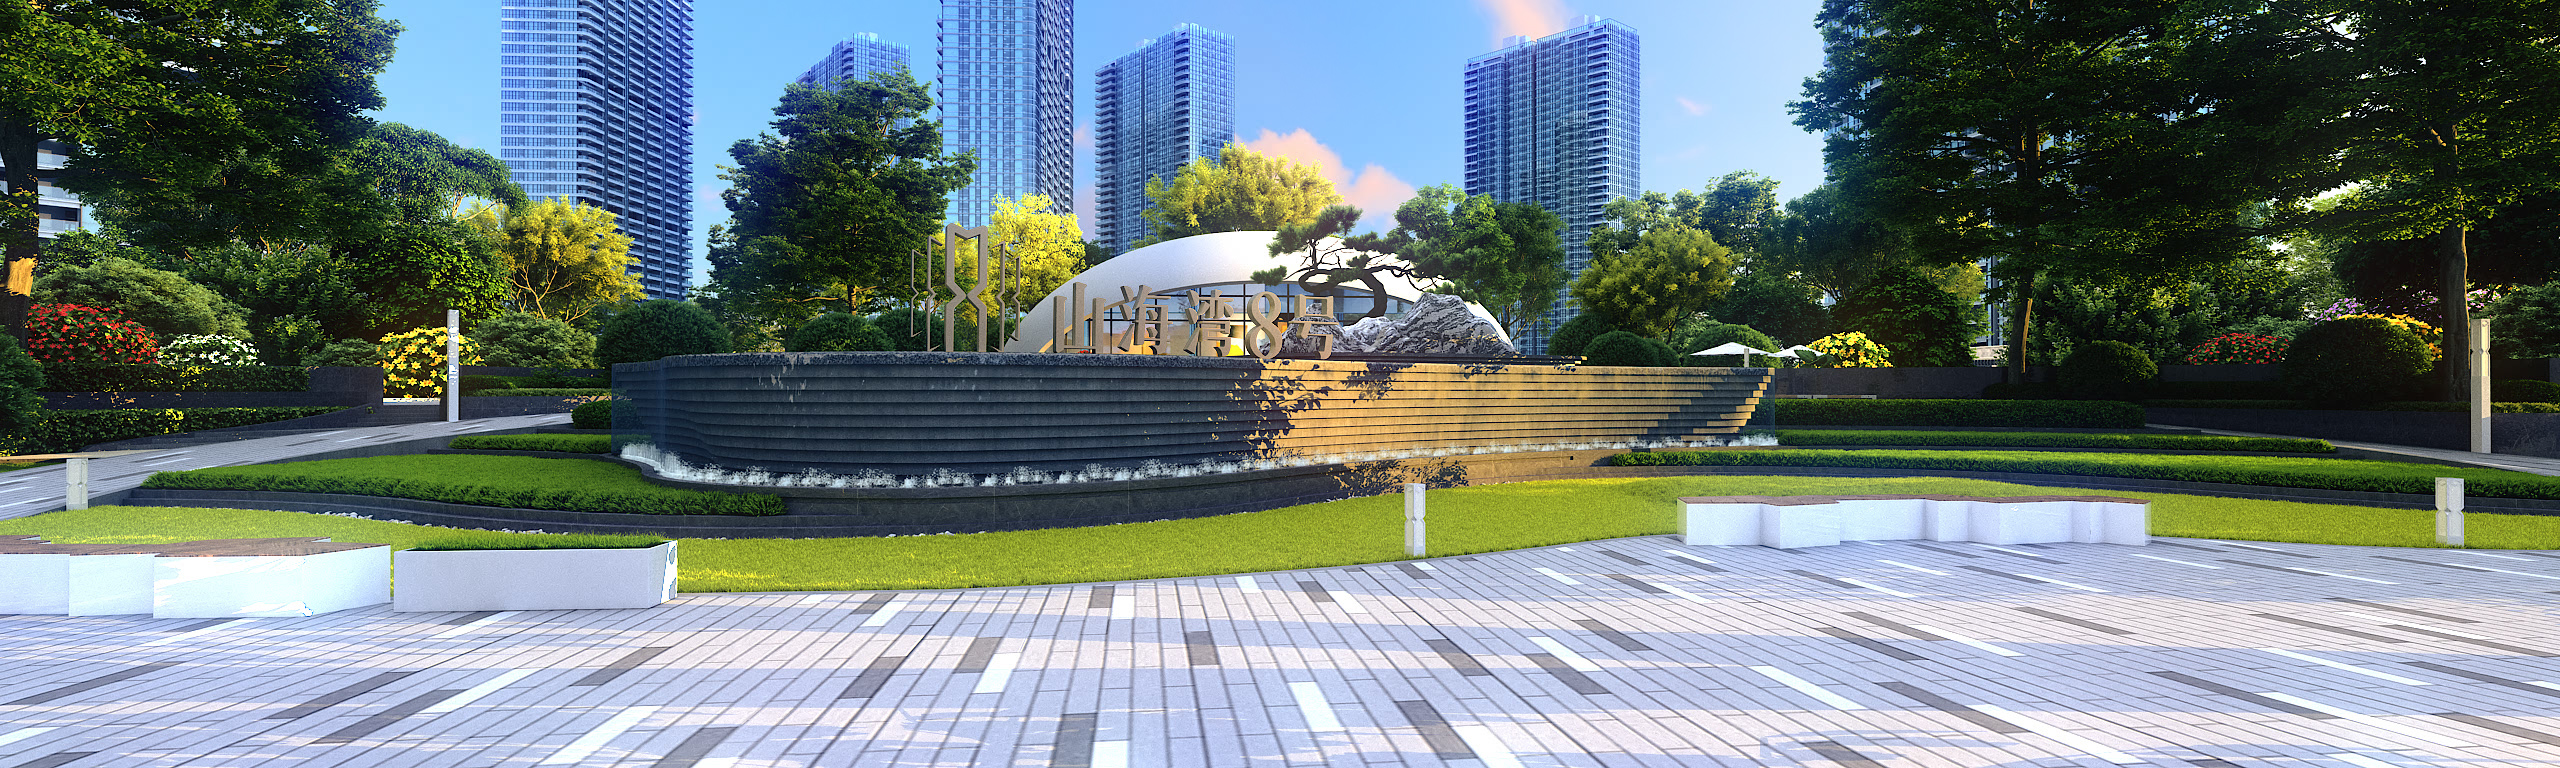 最好的空间阳台_最好的建筑项目合作房子-云南新世纪滇池国际文化旅游会展管理有限公司